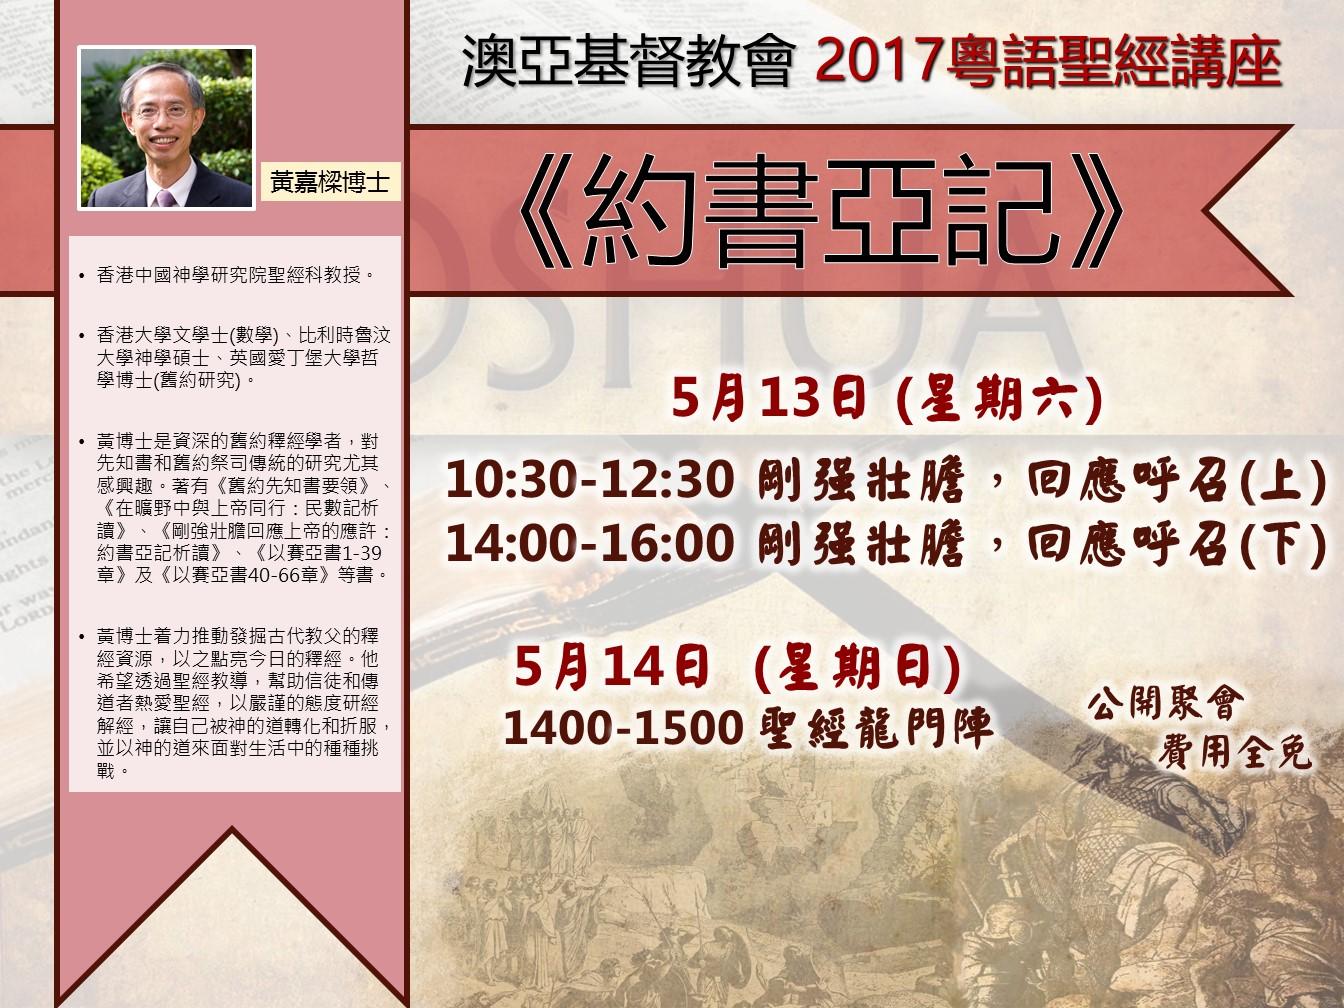 2017-05-13 bible course